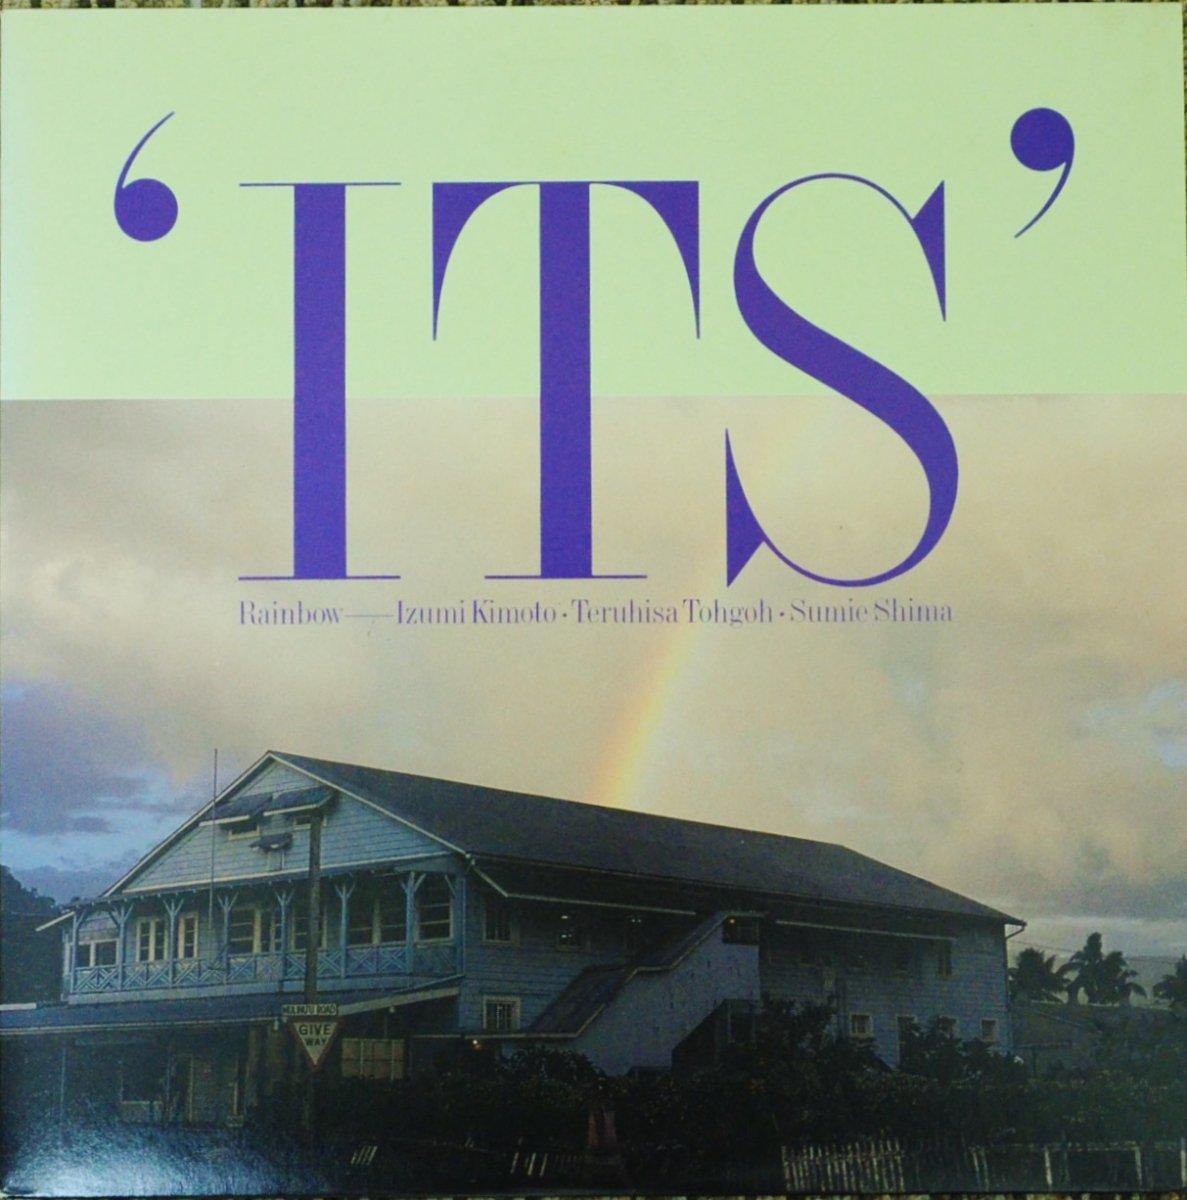 イッツ / ITS / レインボー RAINBOW (LP)